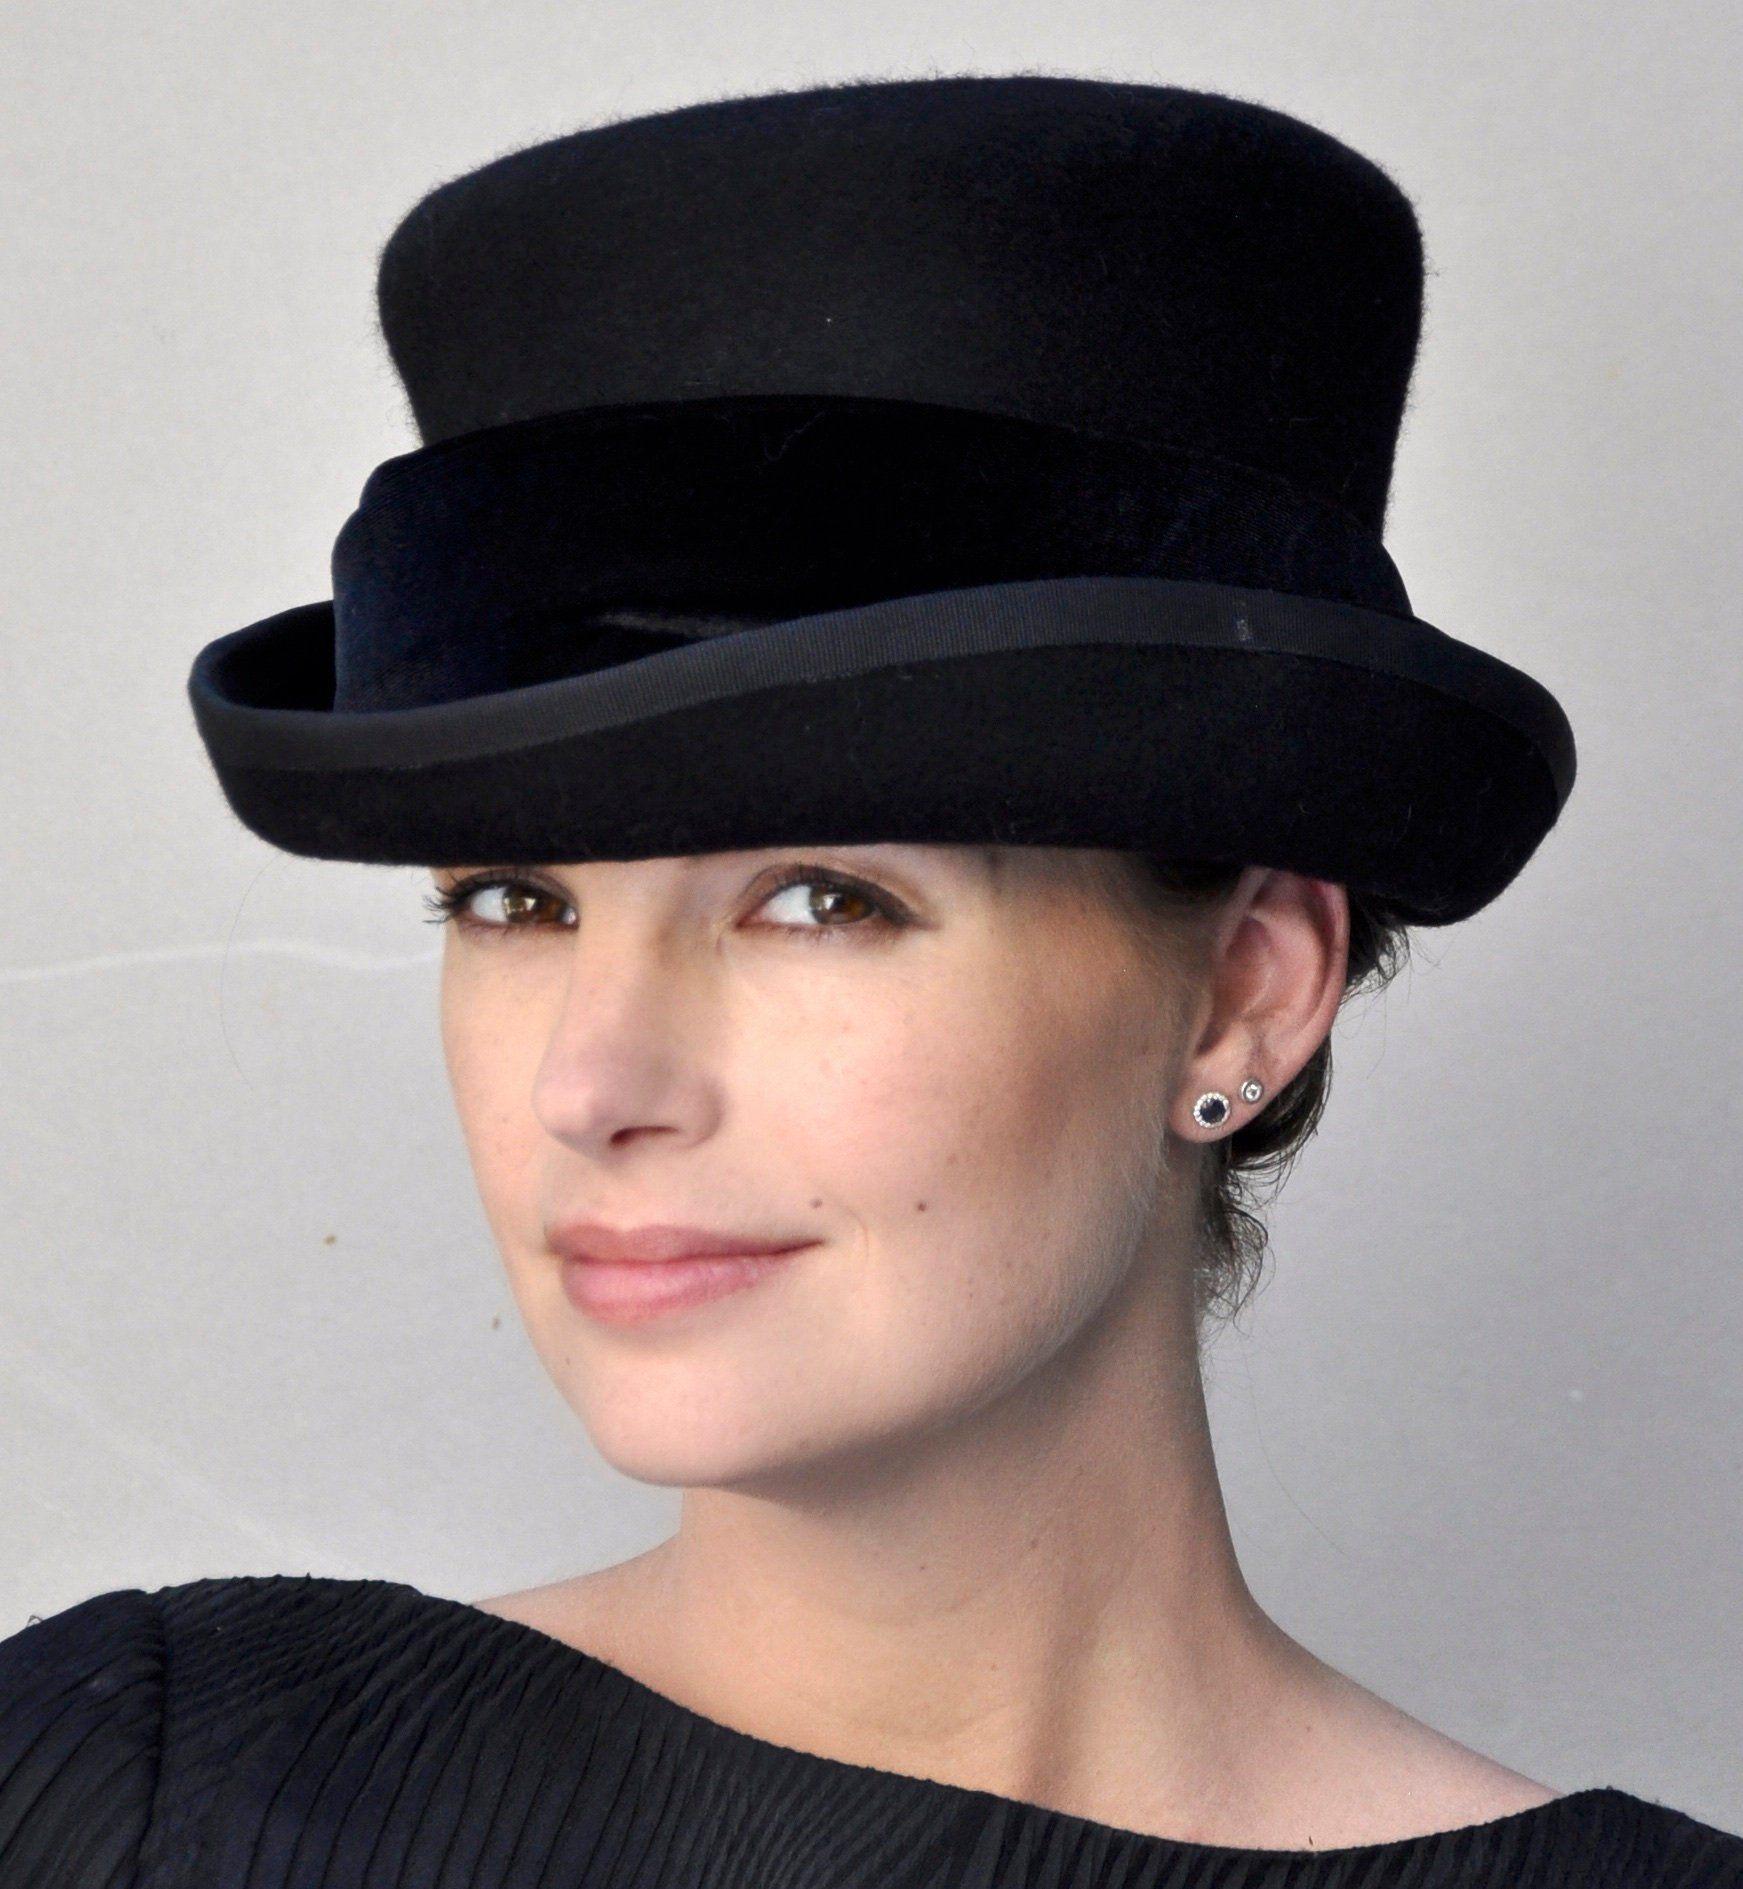 865c45d4e16 Formal Black Hat